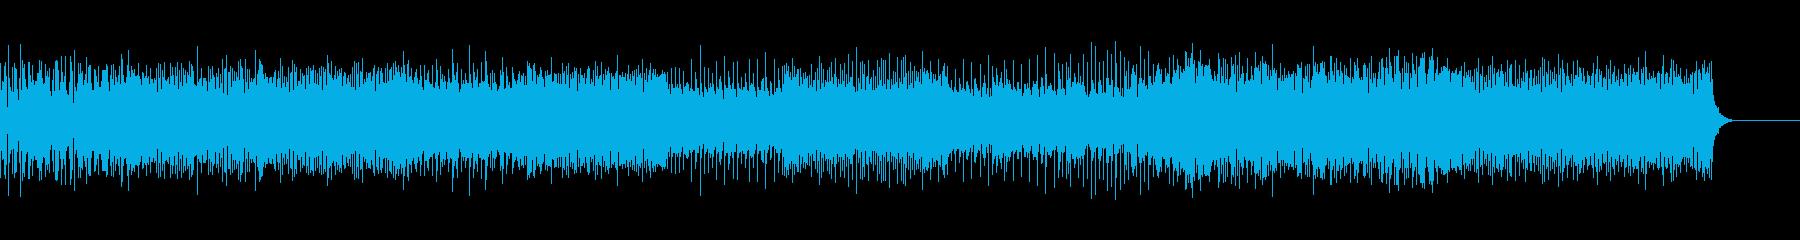 未来感のあるEDMサウンドの再生済みの波形